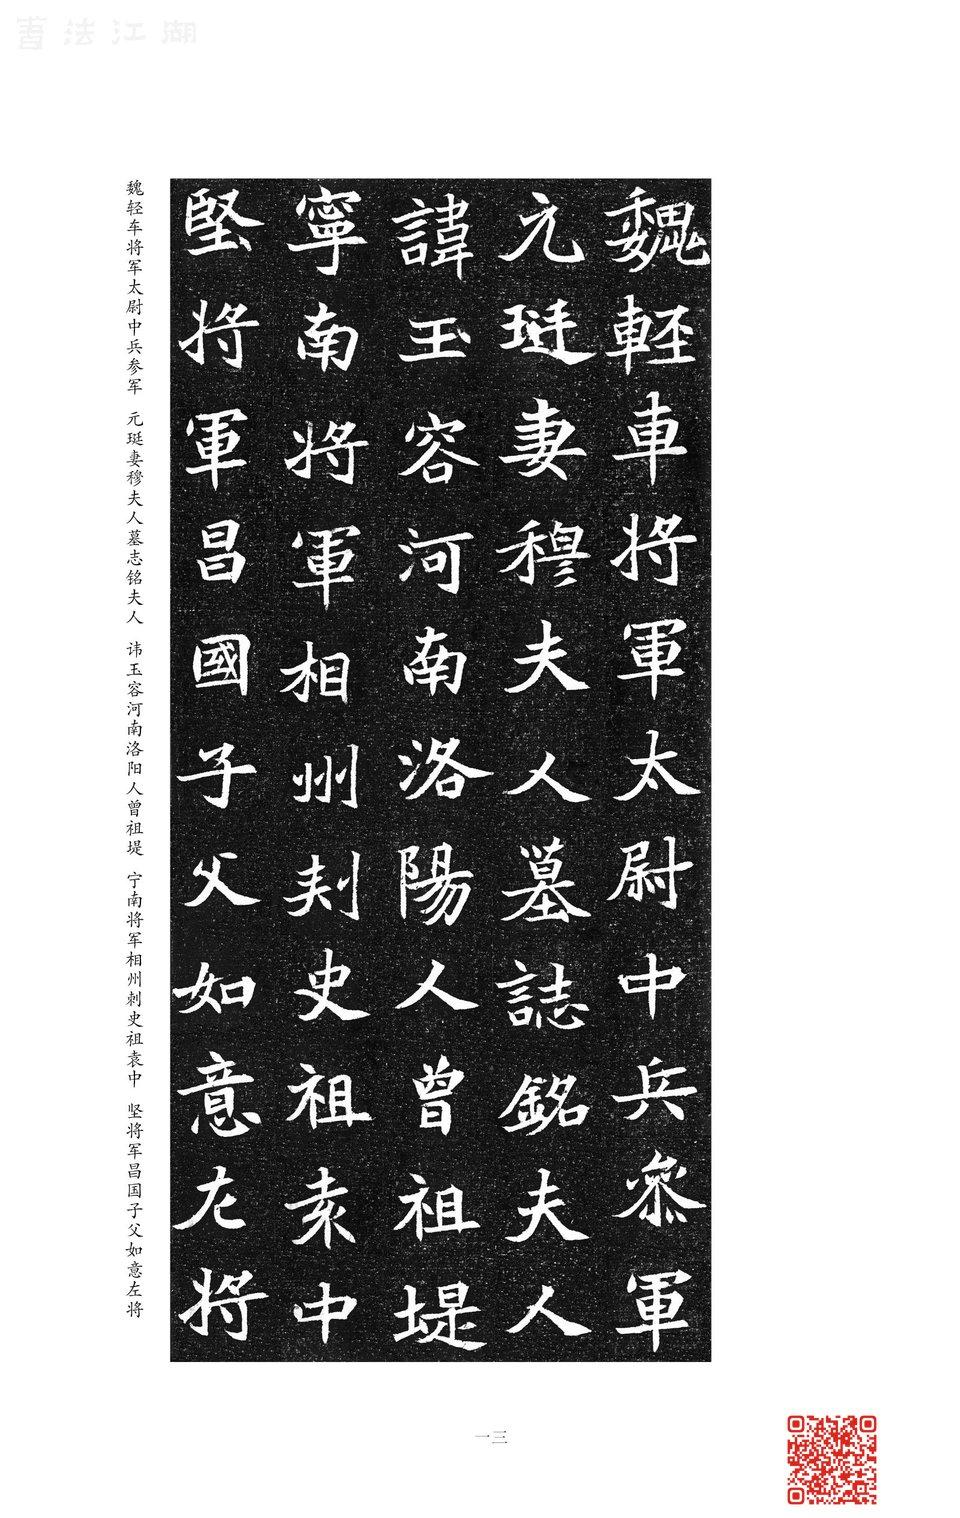 3-魏楷1-内页17.jpg